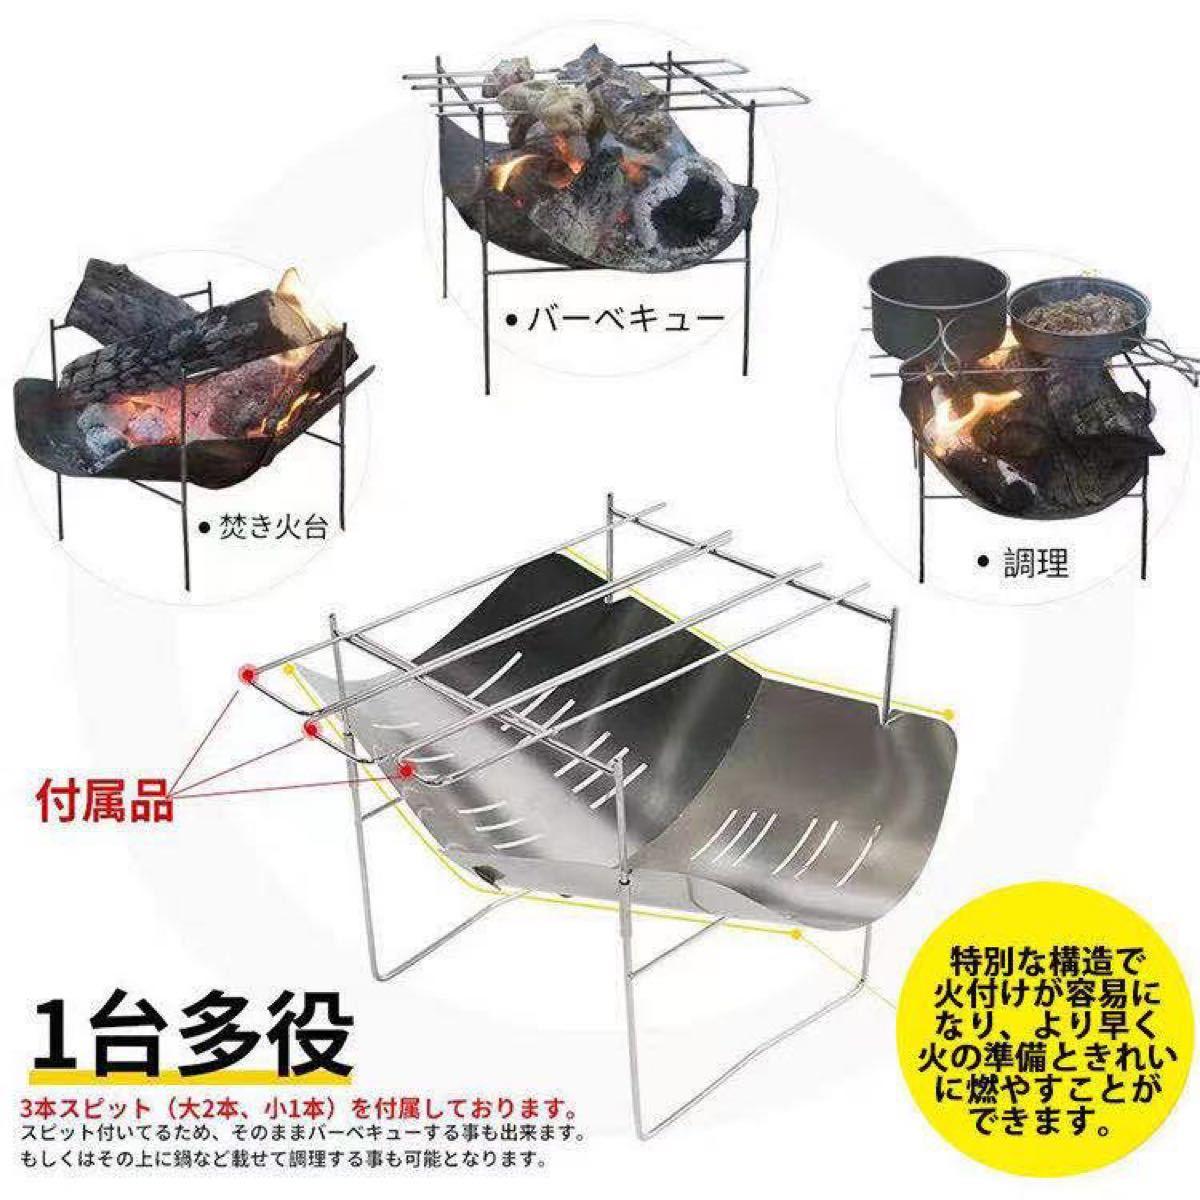 Soomloom正規品 折り畳み式 焚き火台 1年保証付